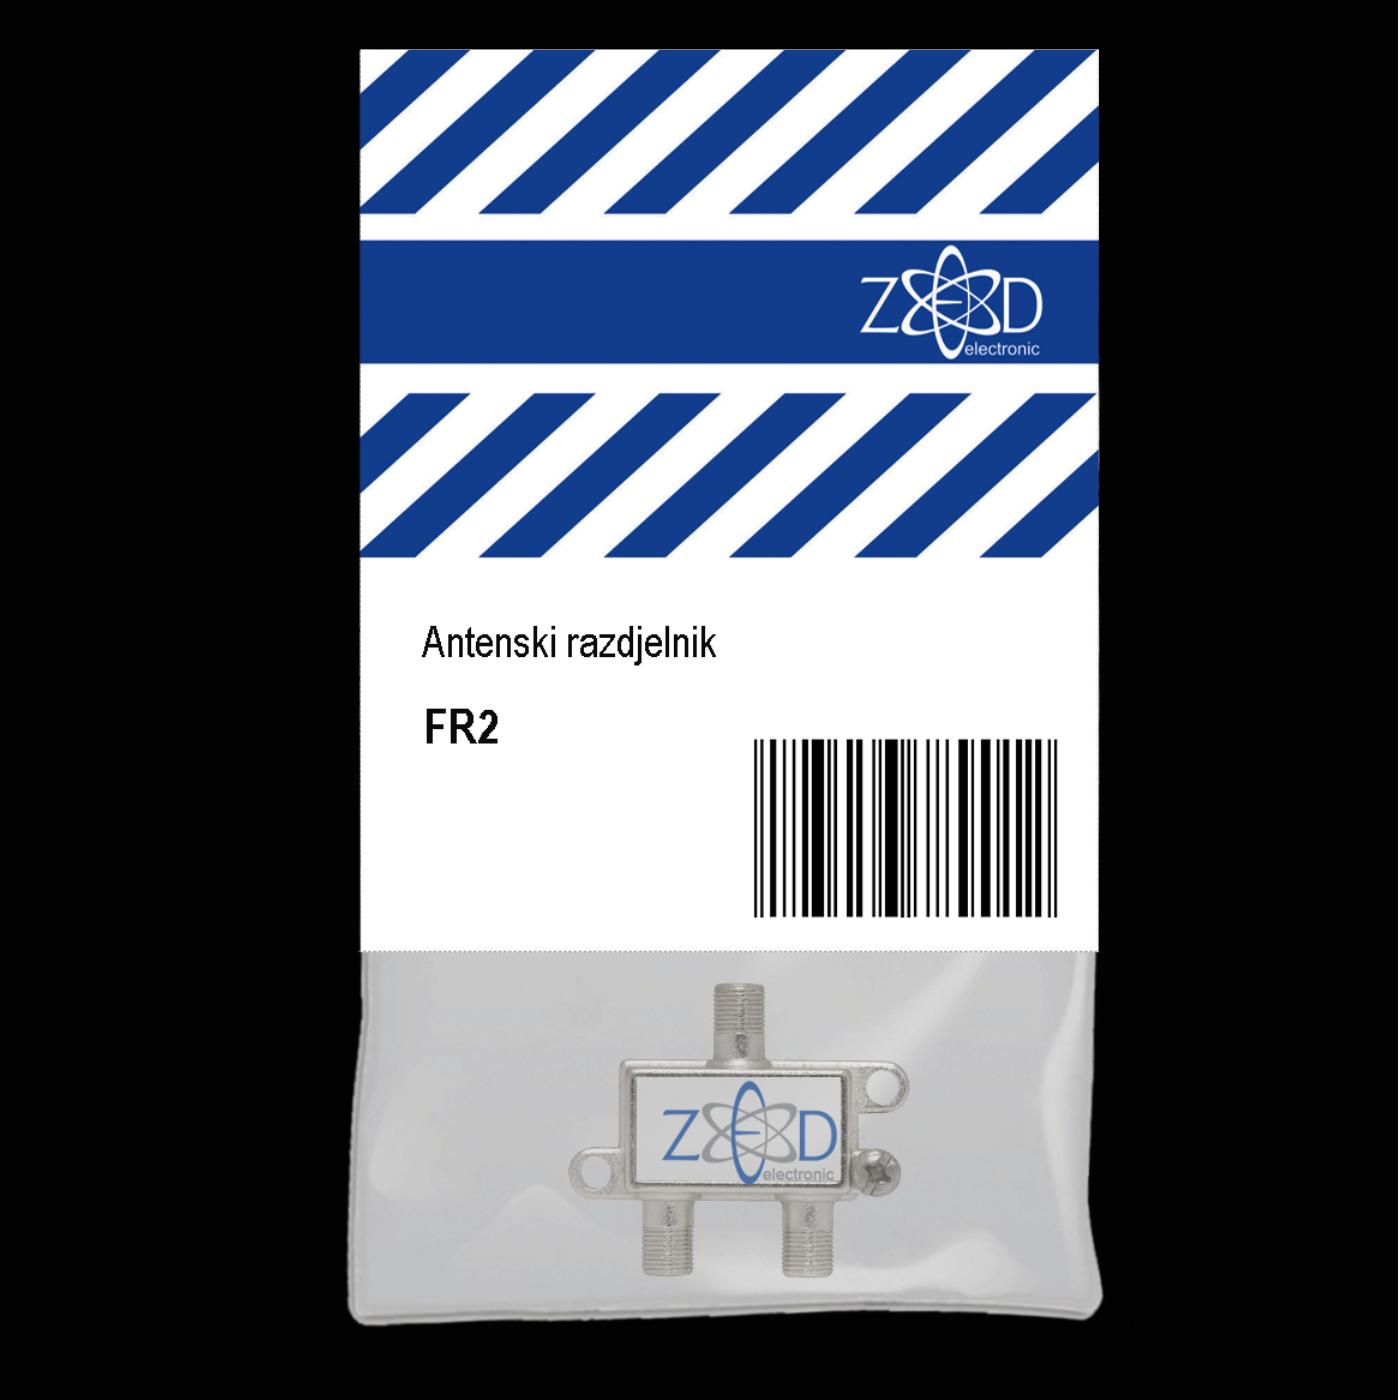 ZED electronic - FR2